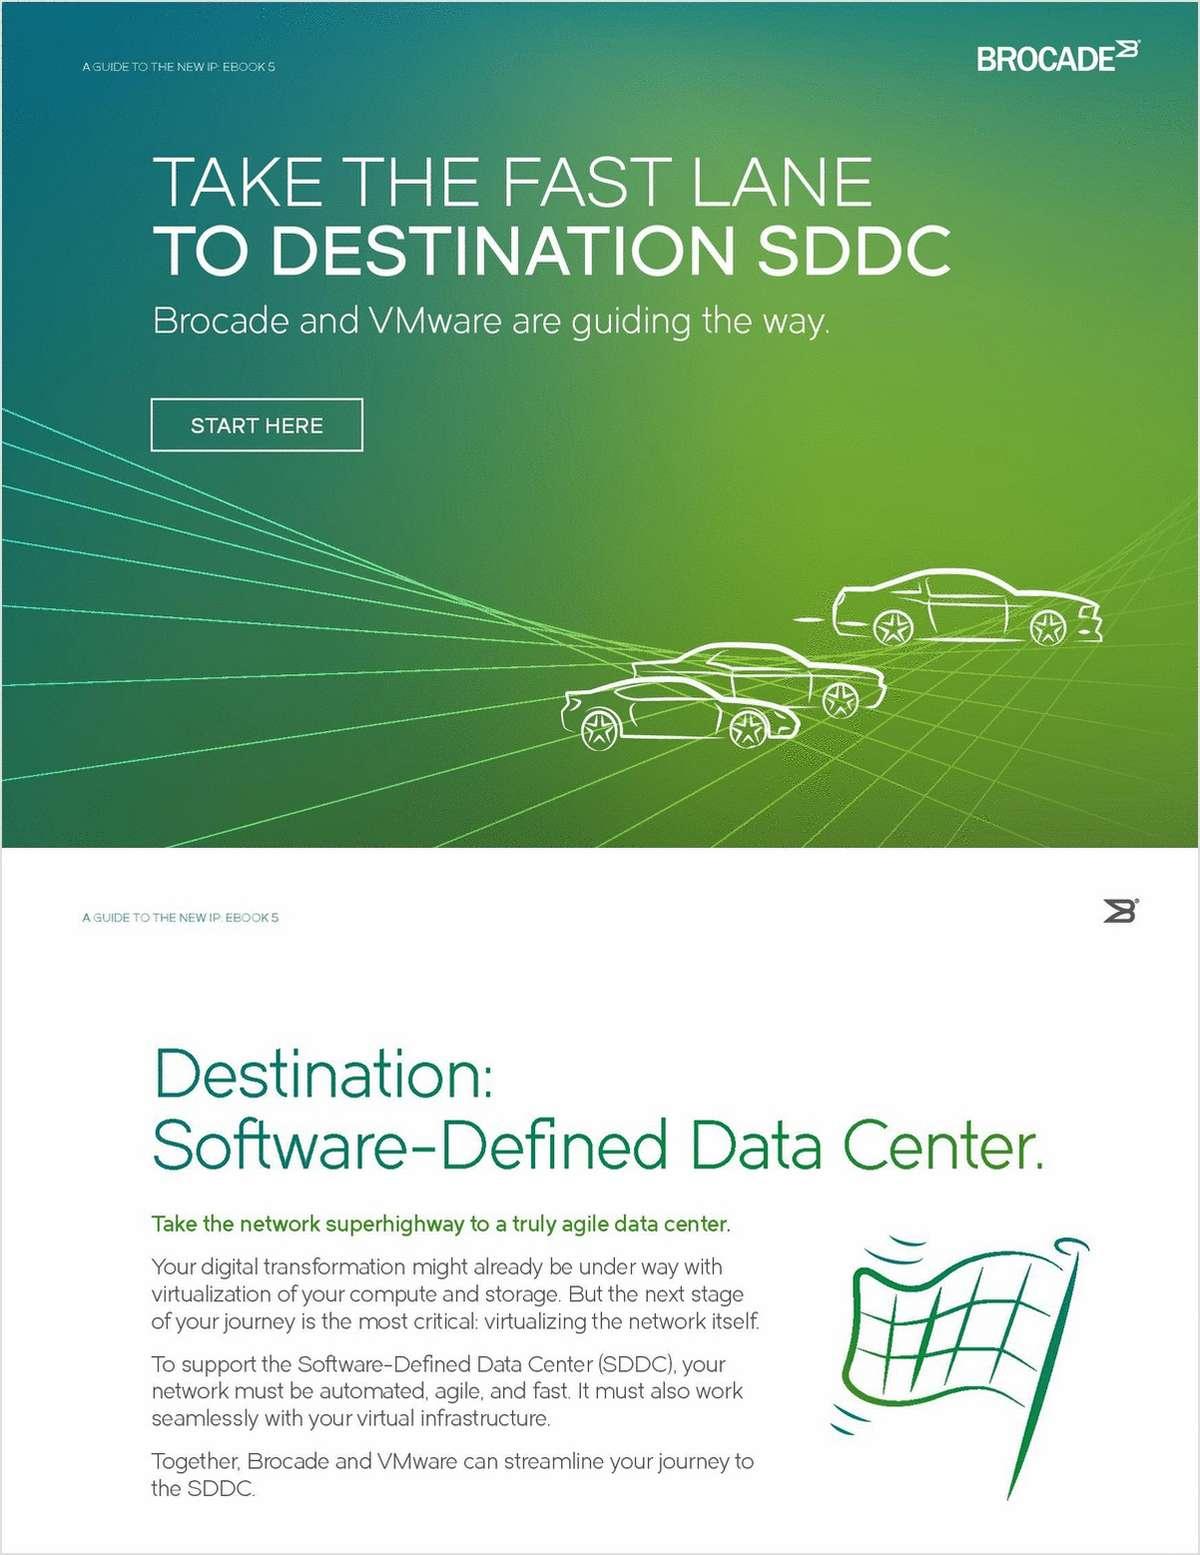 Take the Fast Lane to SDDC